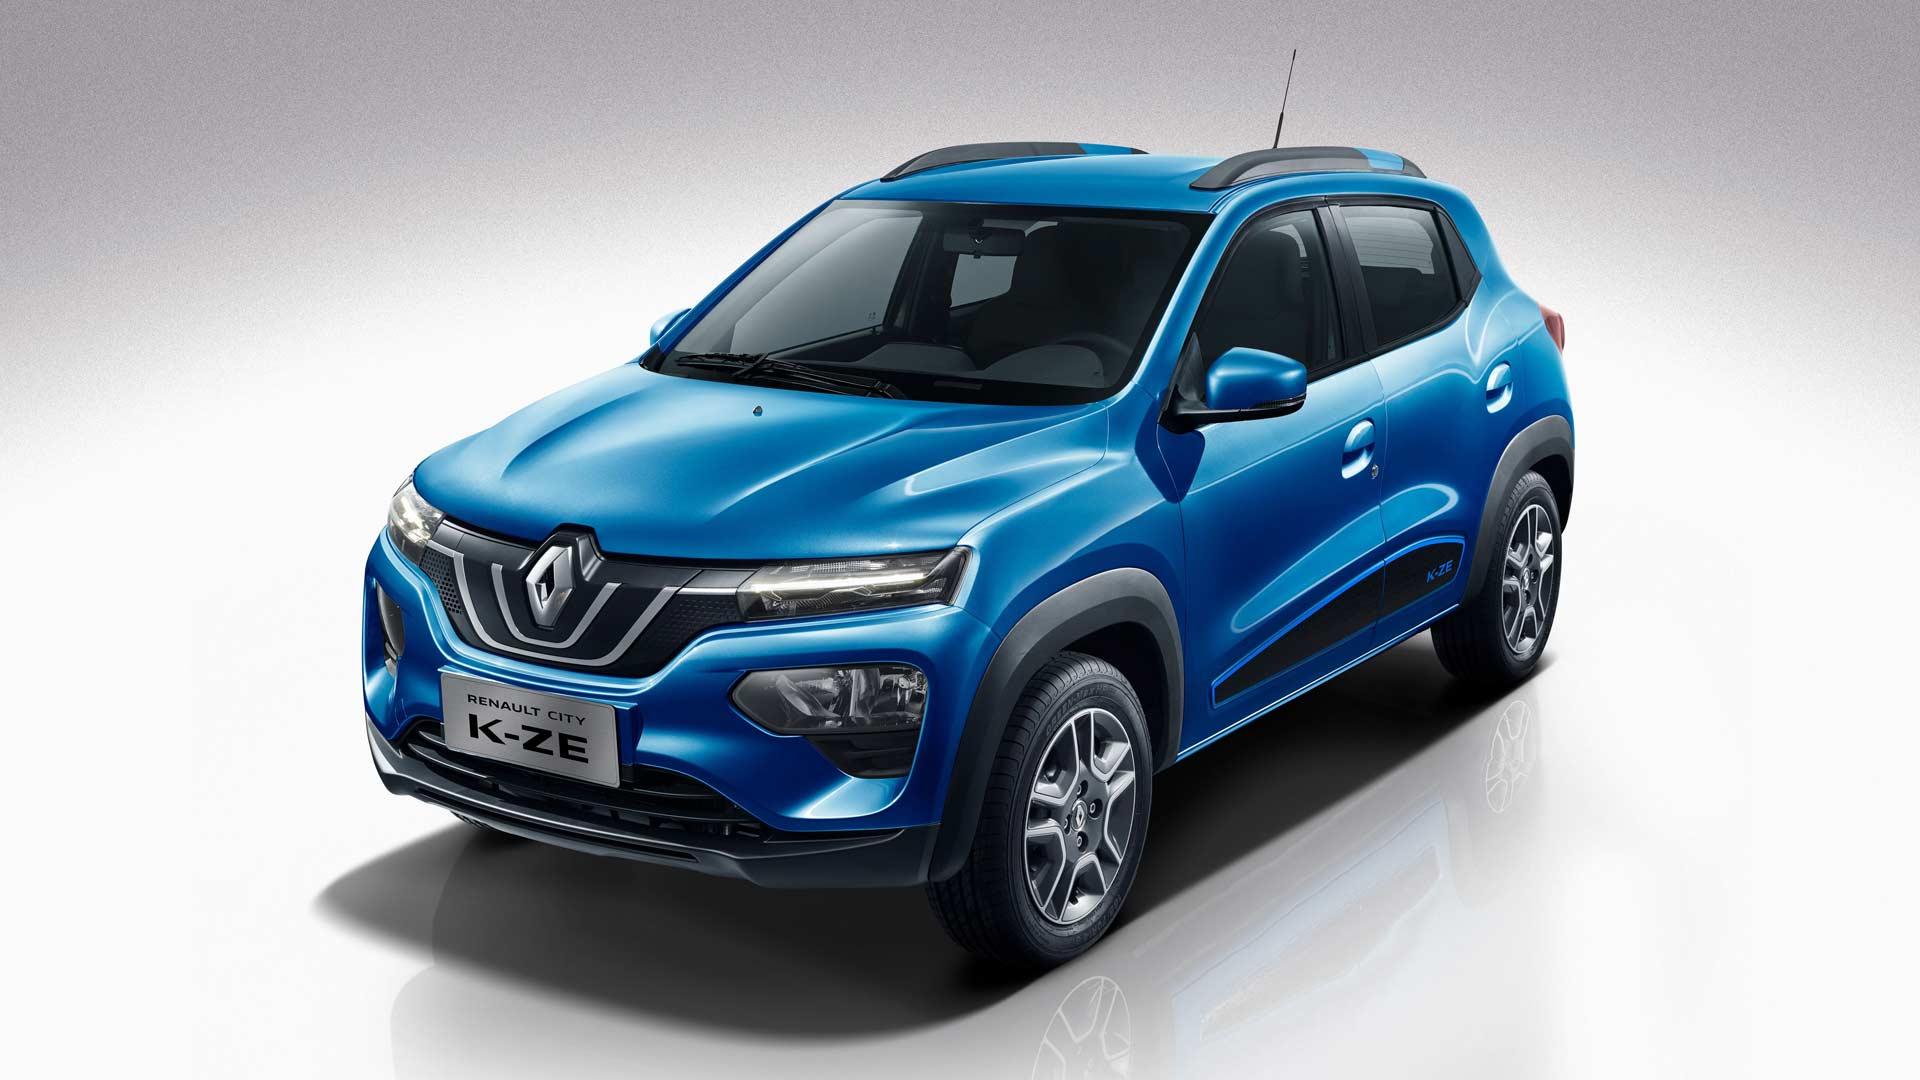 2019-Renault-CITY-K-ZE_3